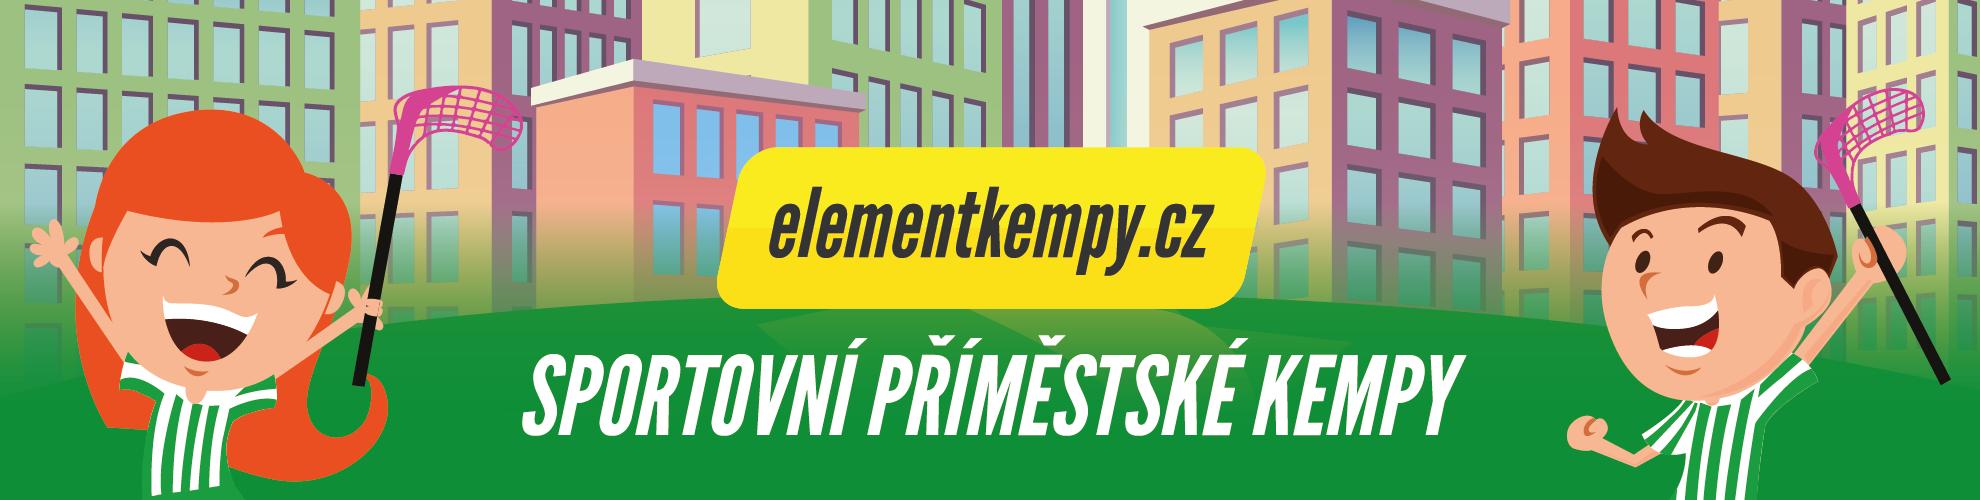 Elementkempy.cz